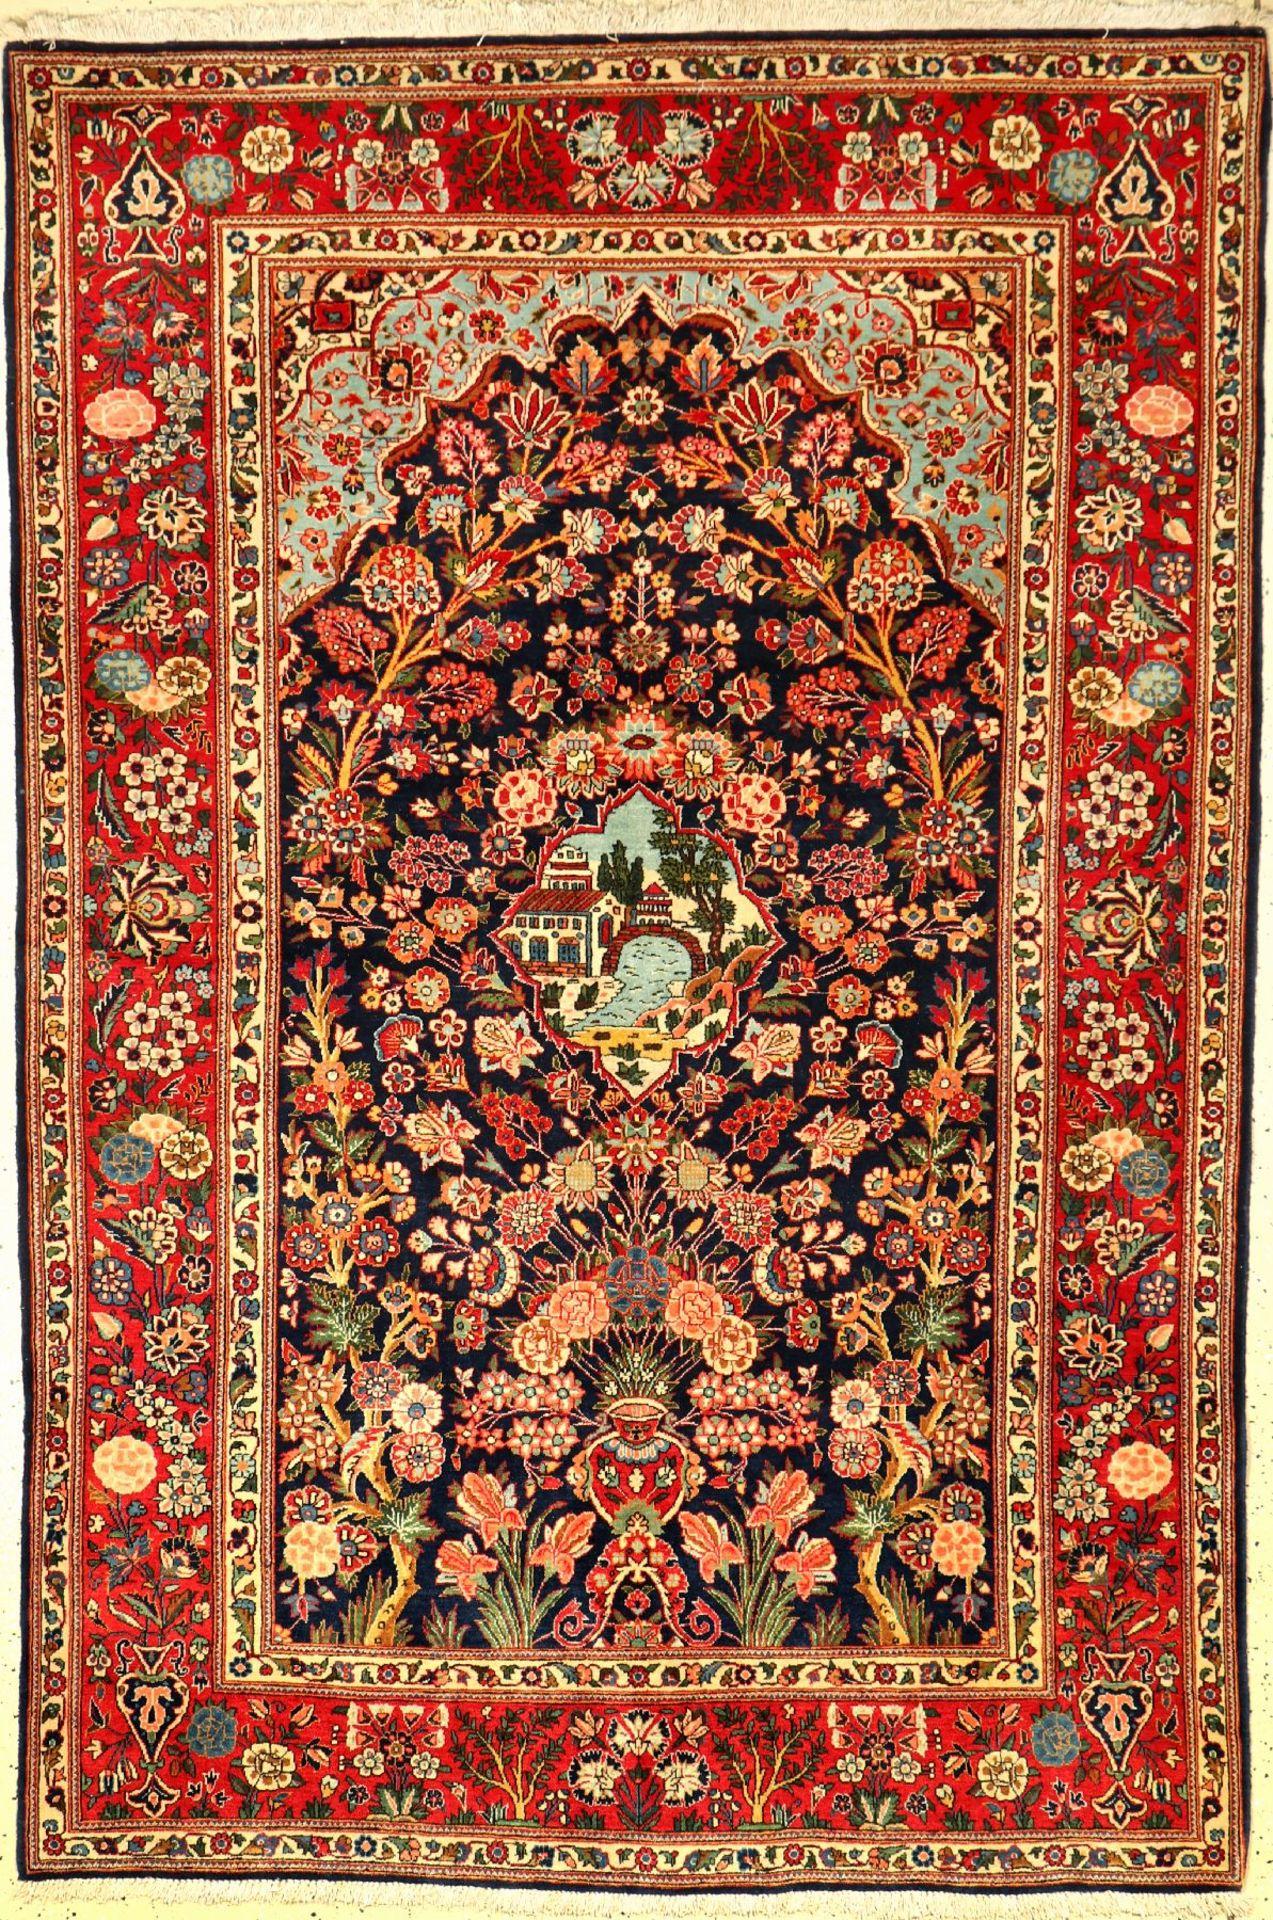 Keschan Kork alt, Persien, um 1940, Korkwolle, ca. 210 x 142 cm, EHZ: 2 , selten.Keschan old,